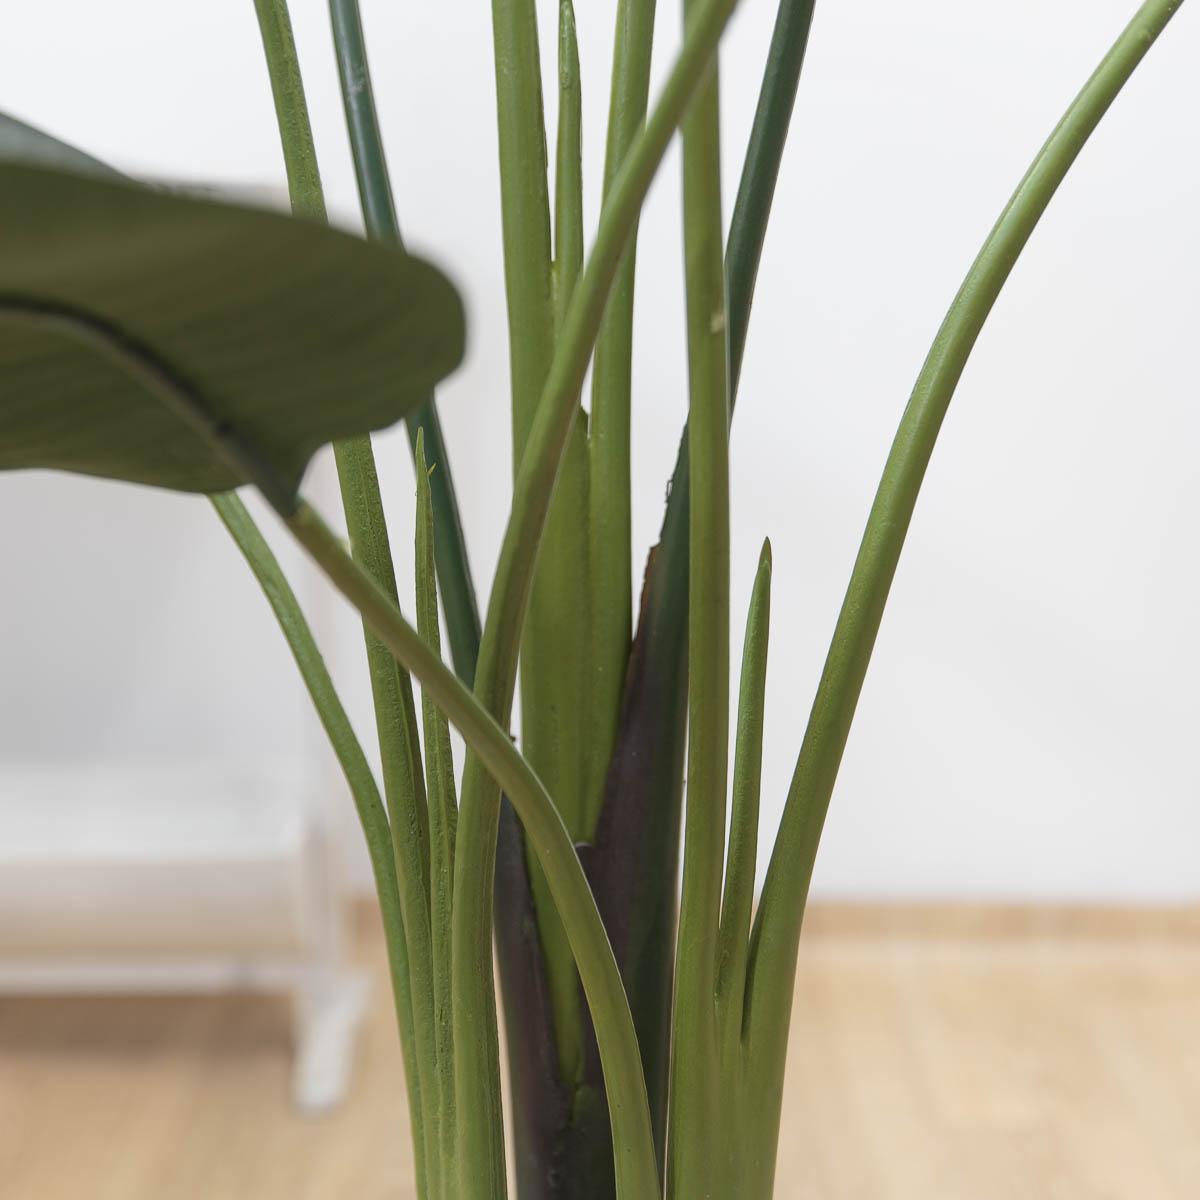 스텔리지아 극락조조화 인조나무 150cm Tuin사각화분 대 세트 줄기디테일